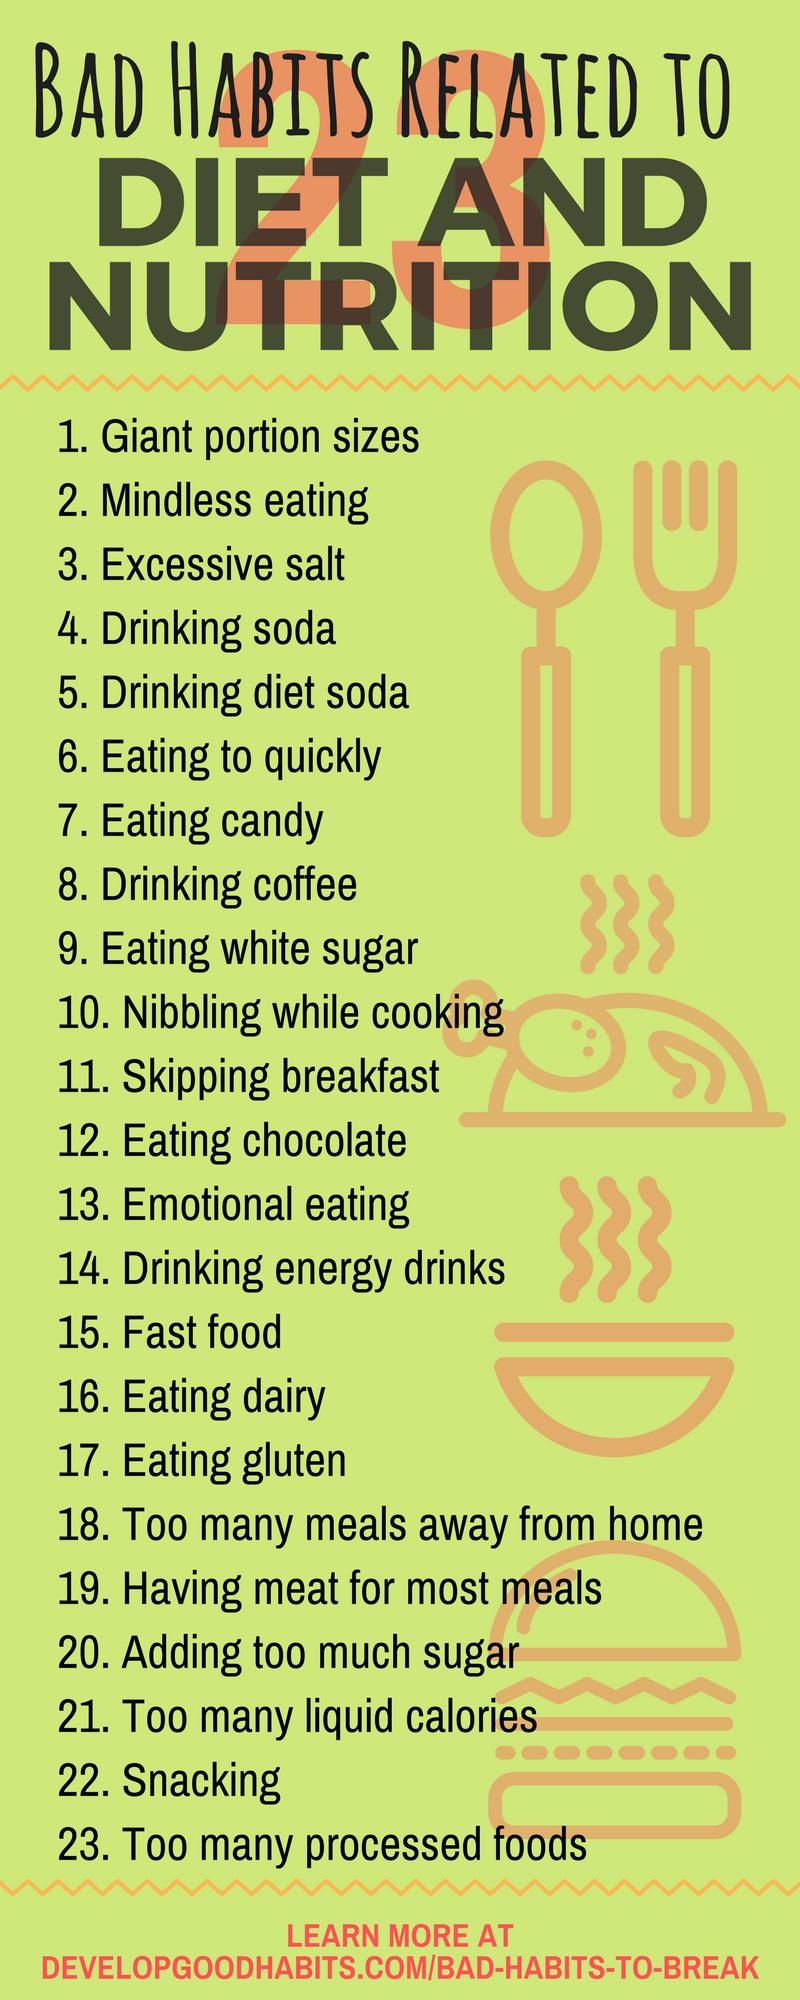 283 Schlechte Angewohnheiten (Die ultimative Liste der schlechten Angewohnheiten)   – Health